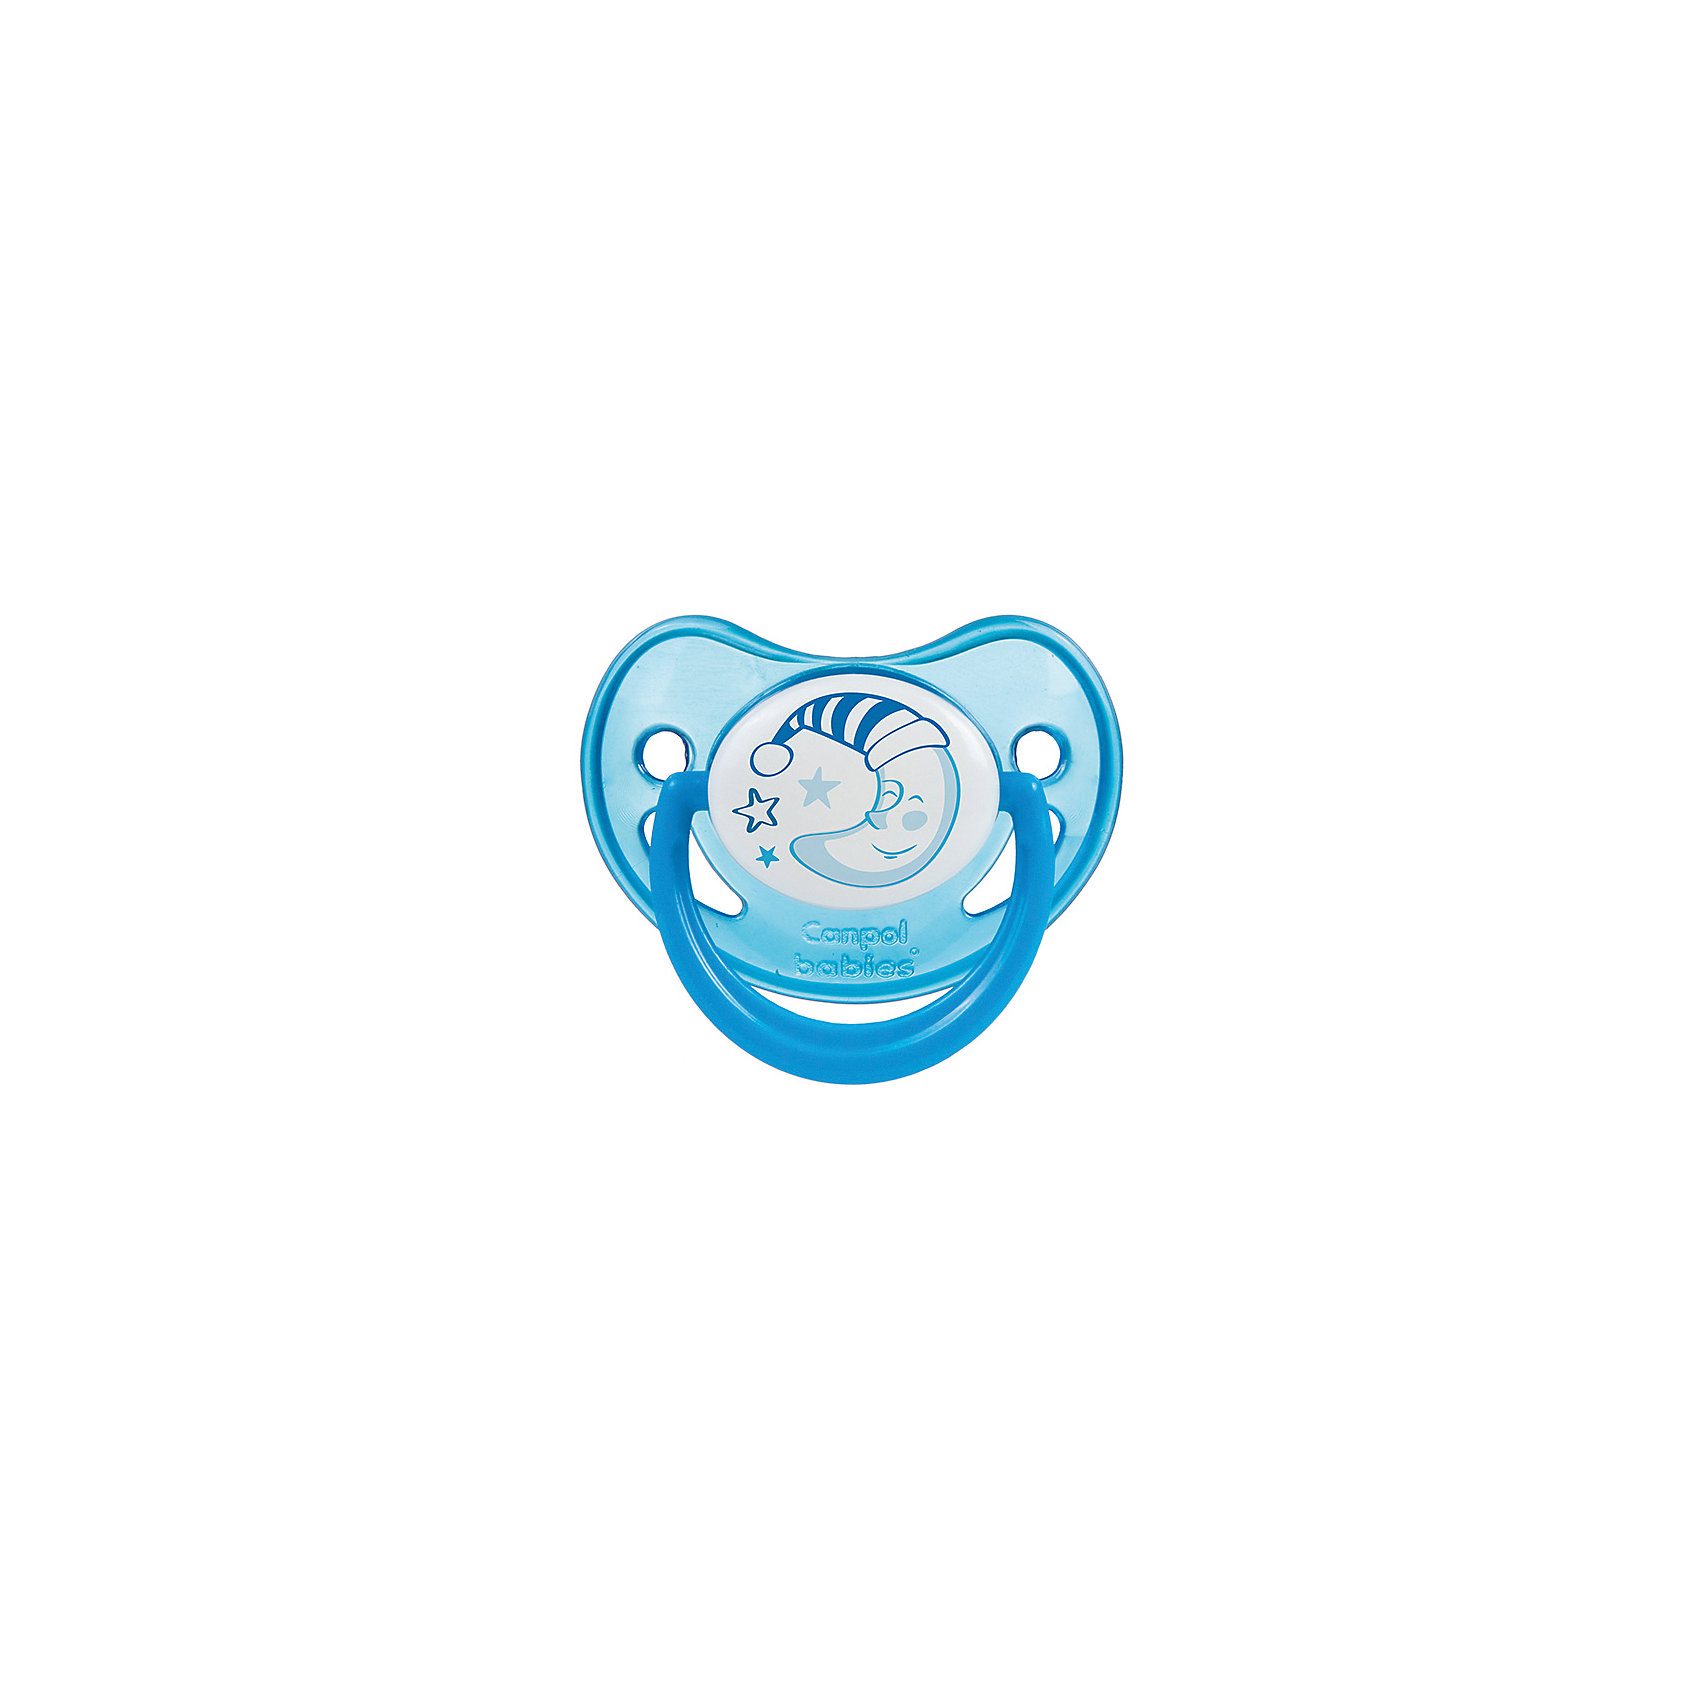 Пустышка анатомическая силиконовая, 6-18 Night Dreams, Canpol Babies, синий